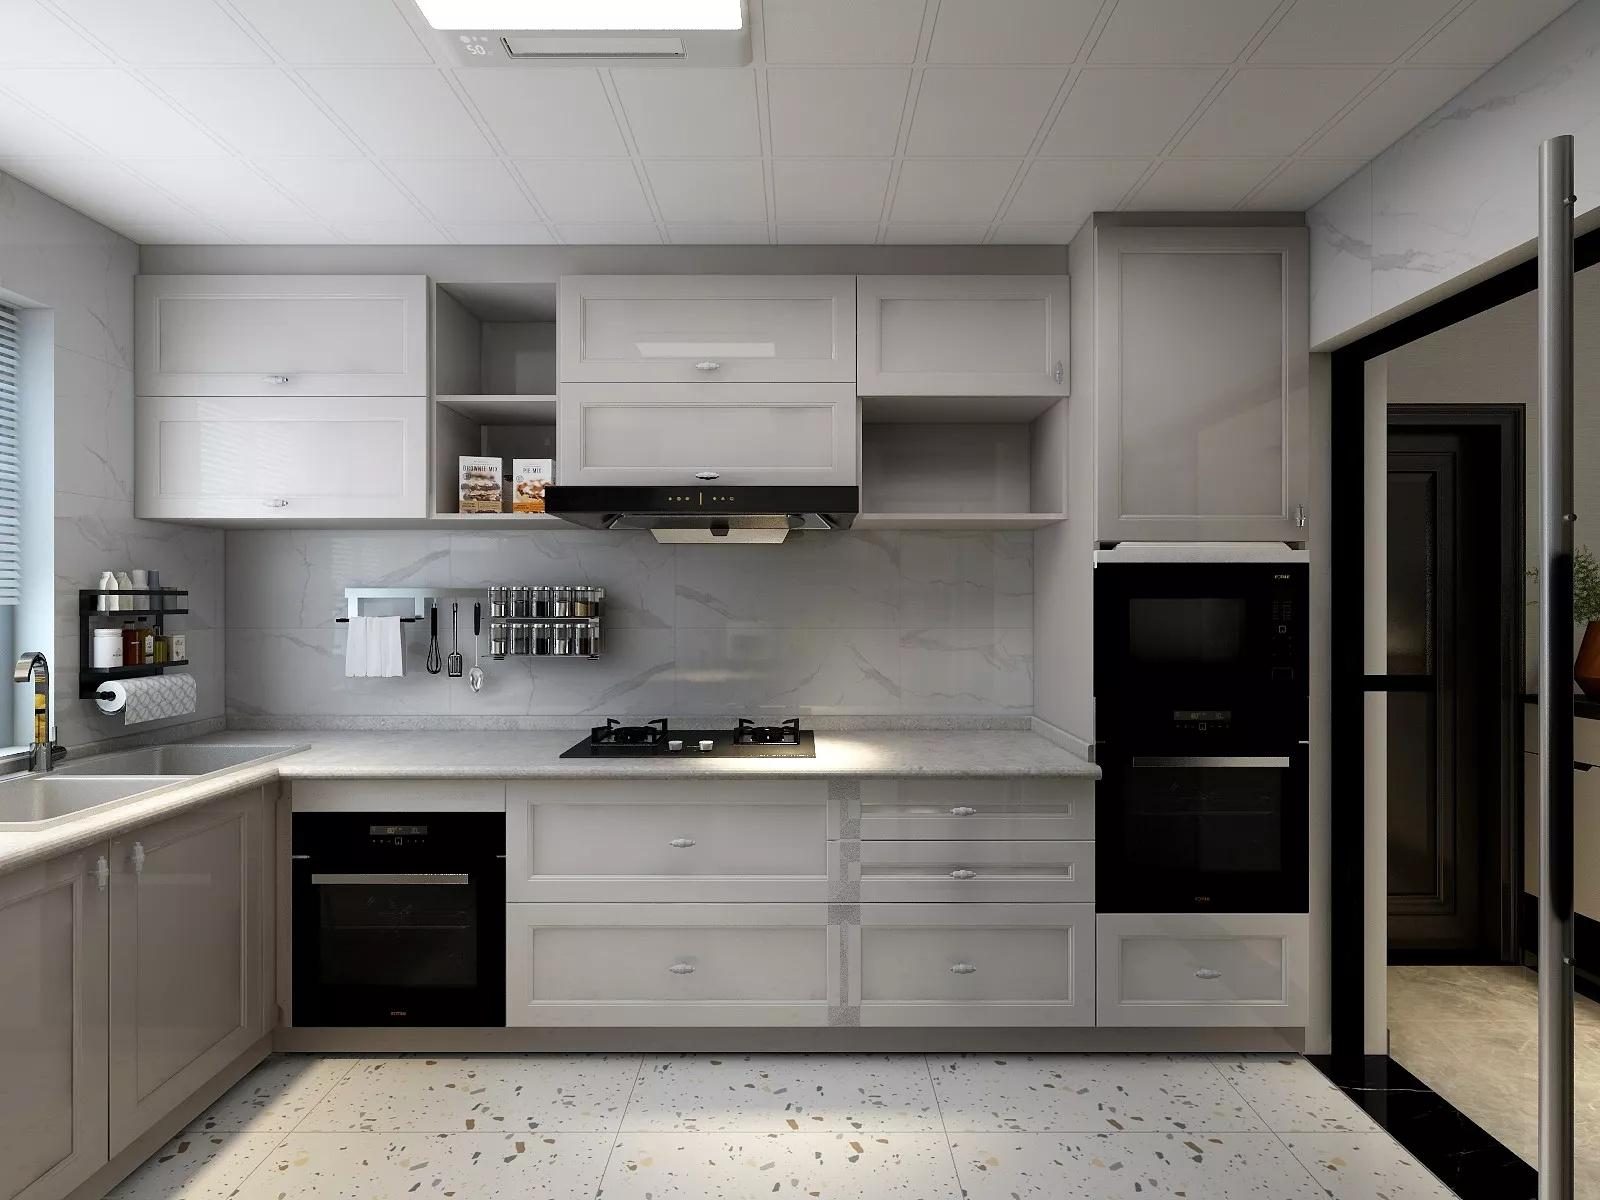 西門子對開門家用電冰箱怎么樣 西門子對開門冰箱優點